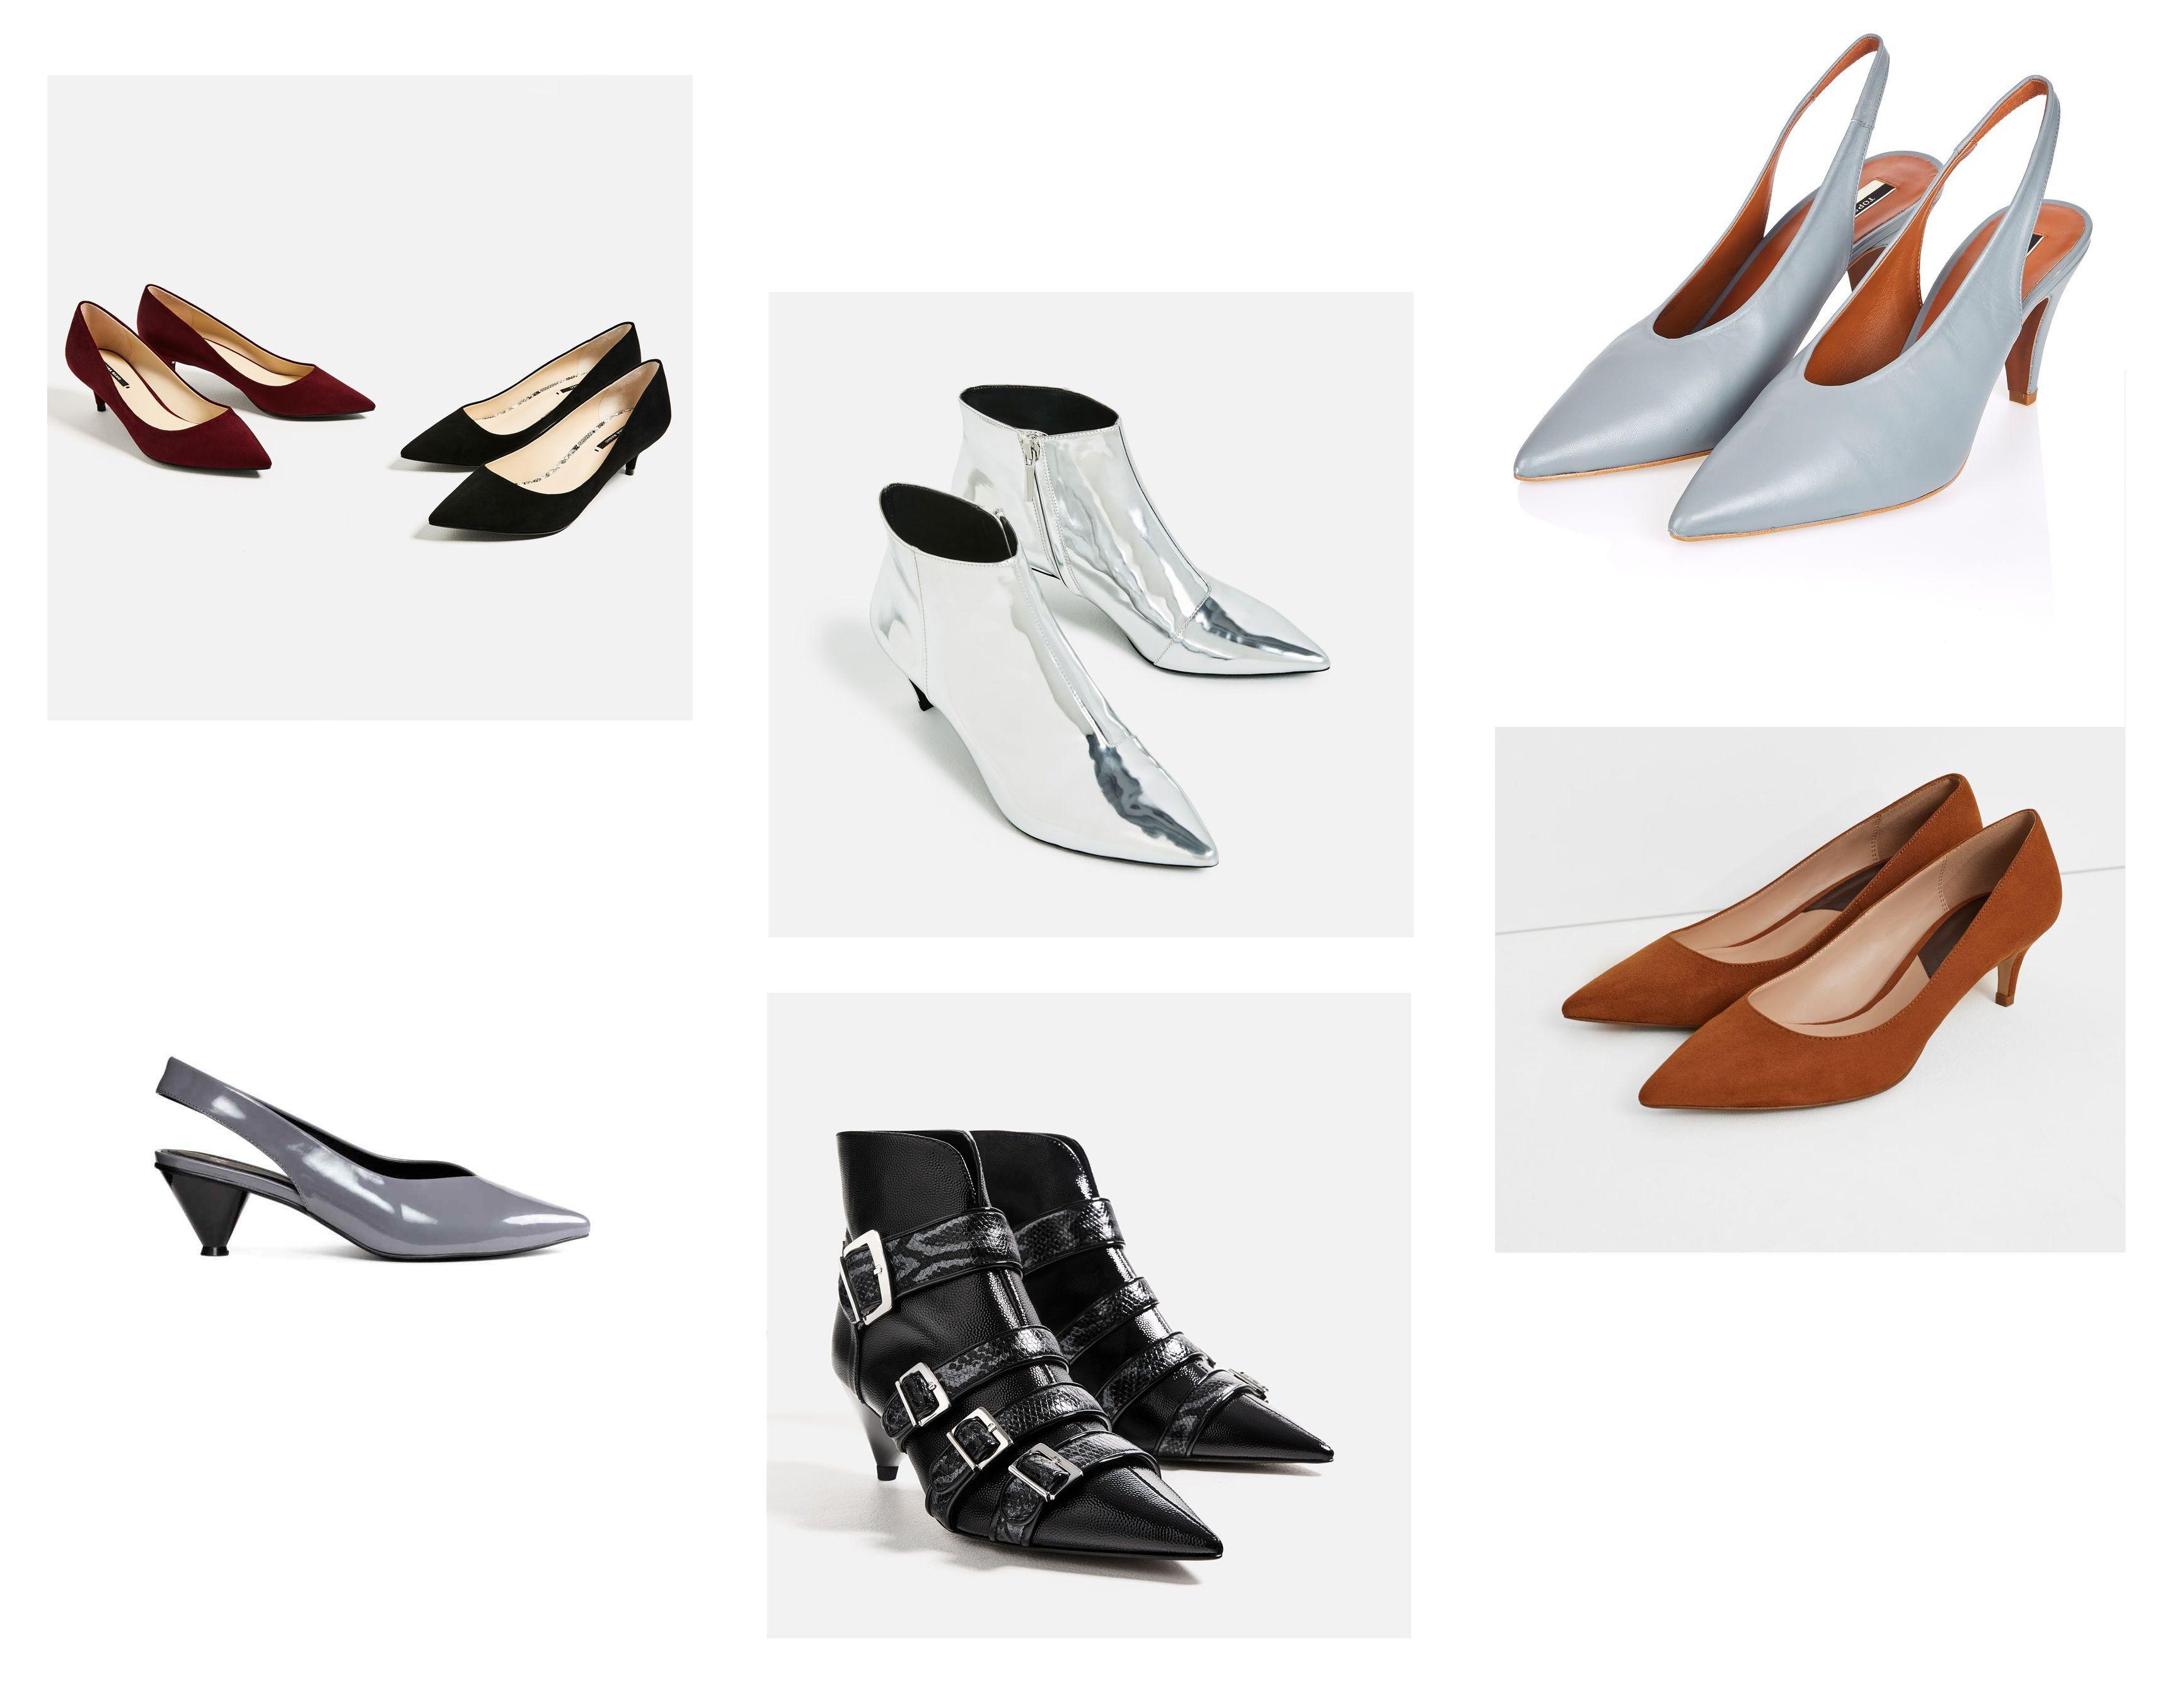 Hoće li kitten heels zavladiti uličnom modom?